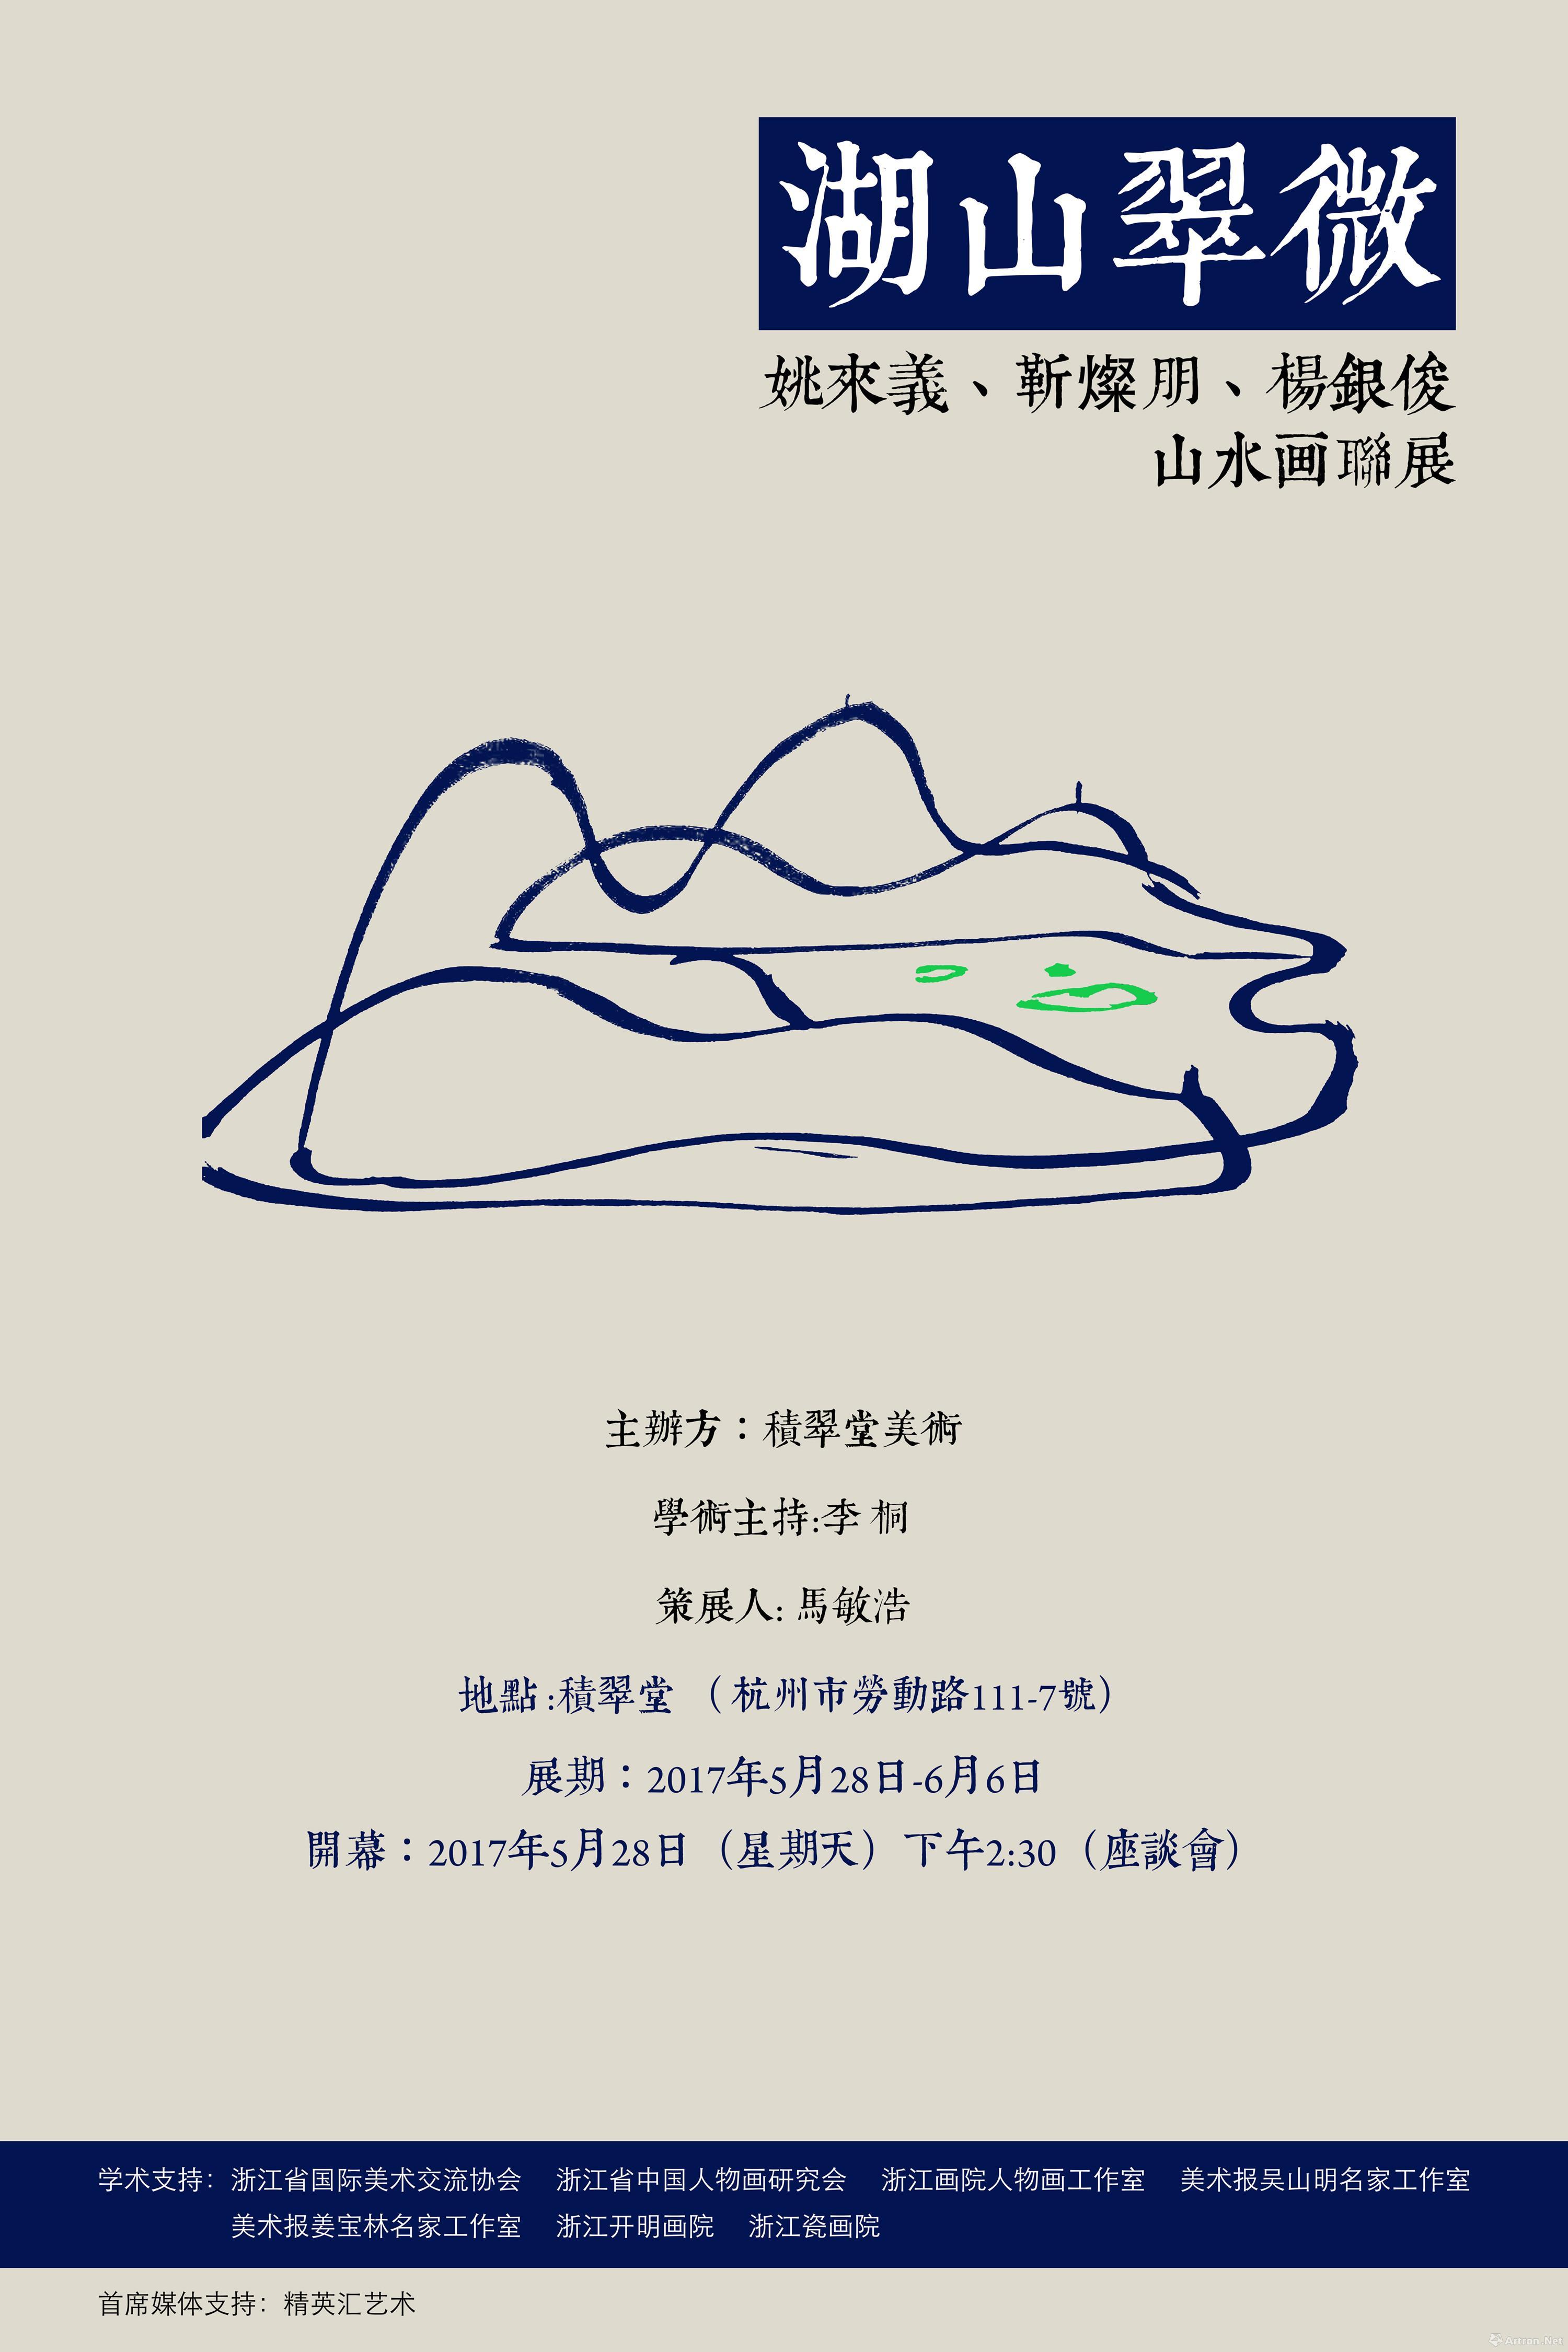 """""""湖山翠微""""姚来义 靳灿朋 杨银俊山水画联展"""